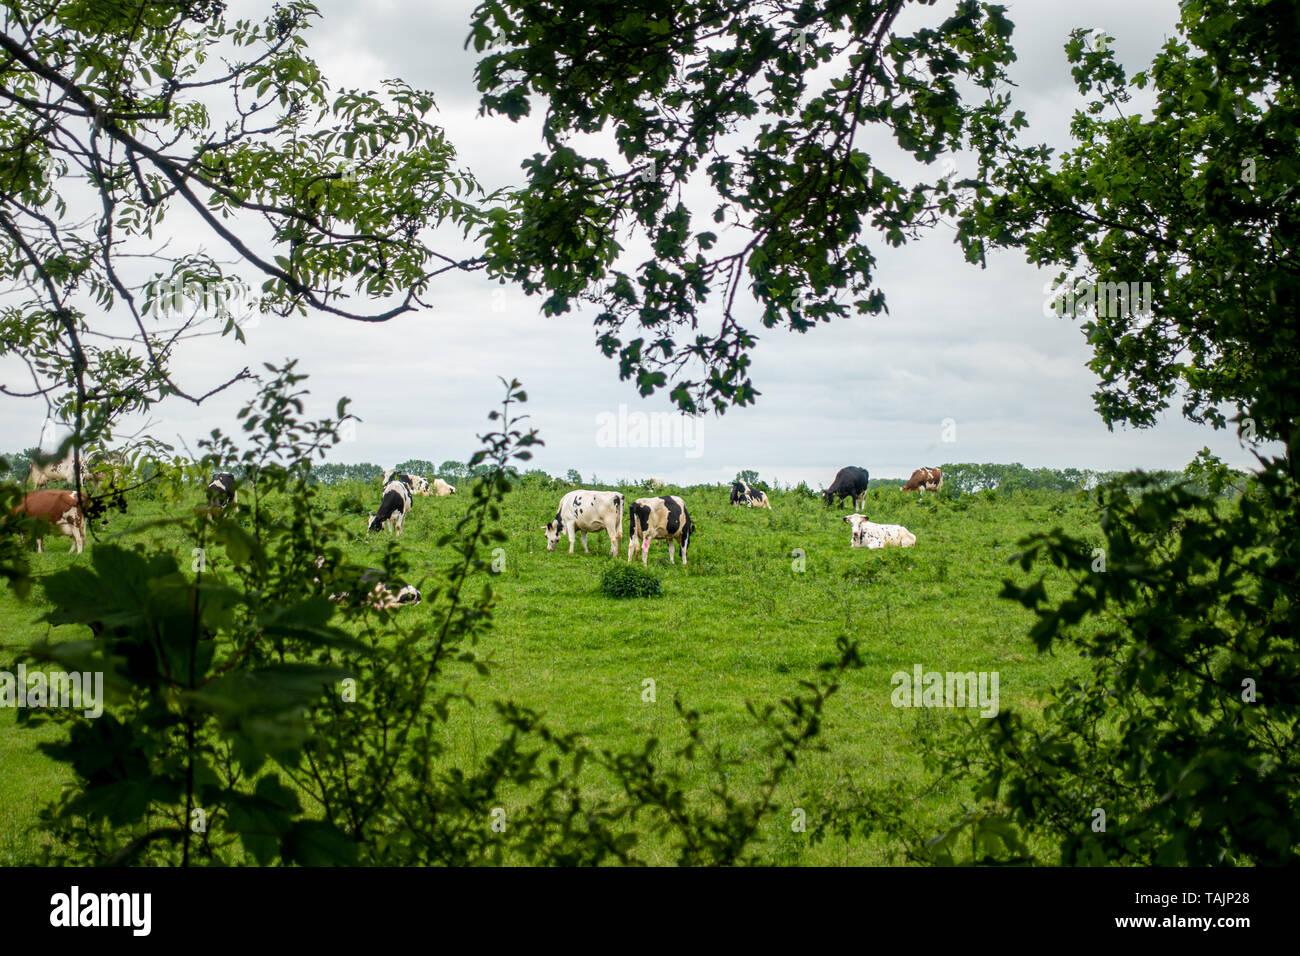 Eine Herde von schwarze und weiße Kühe steht auf einer grünen Wiese, und der Himmel ist bedeckt Stockfoto